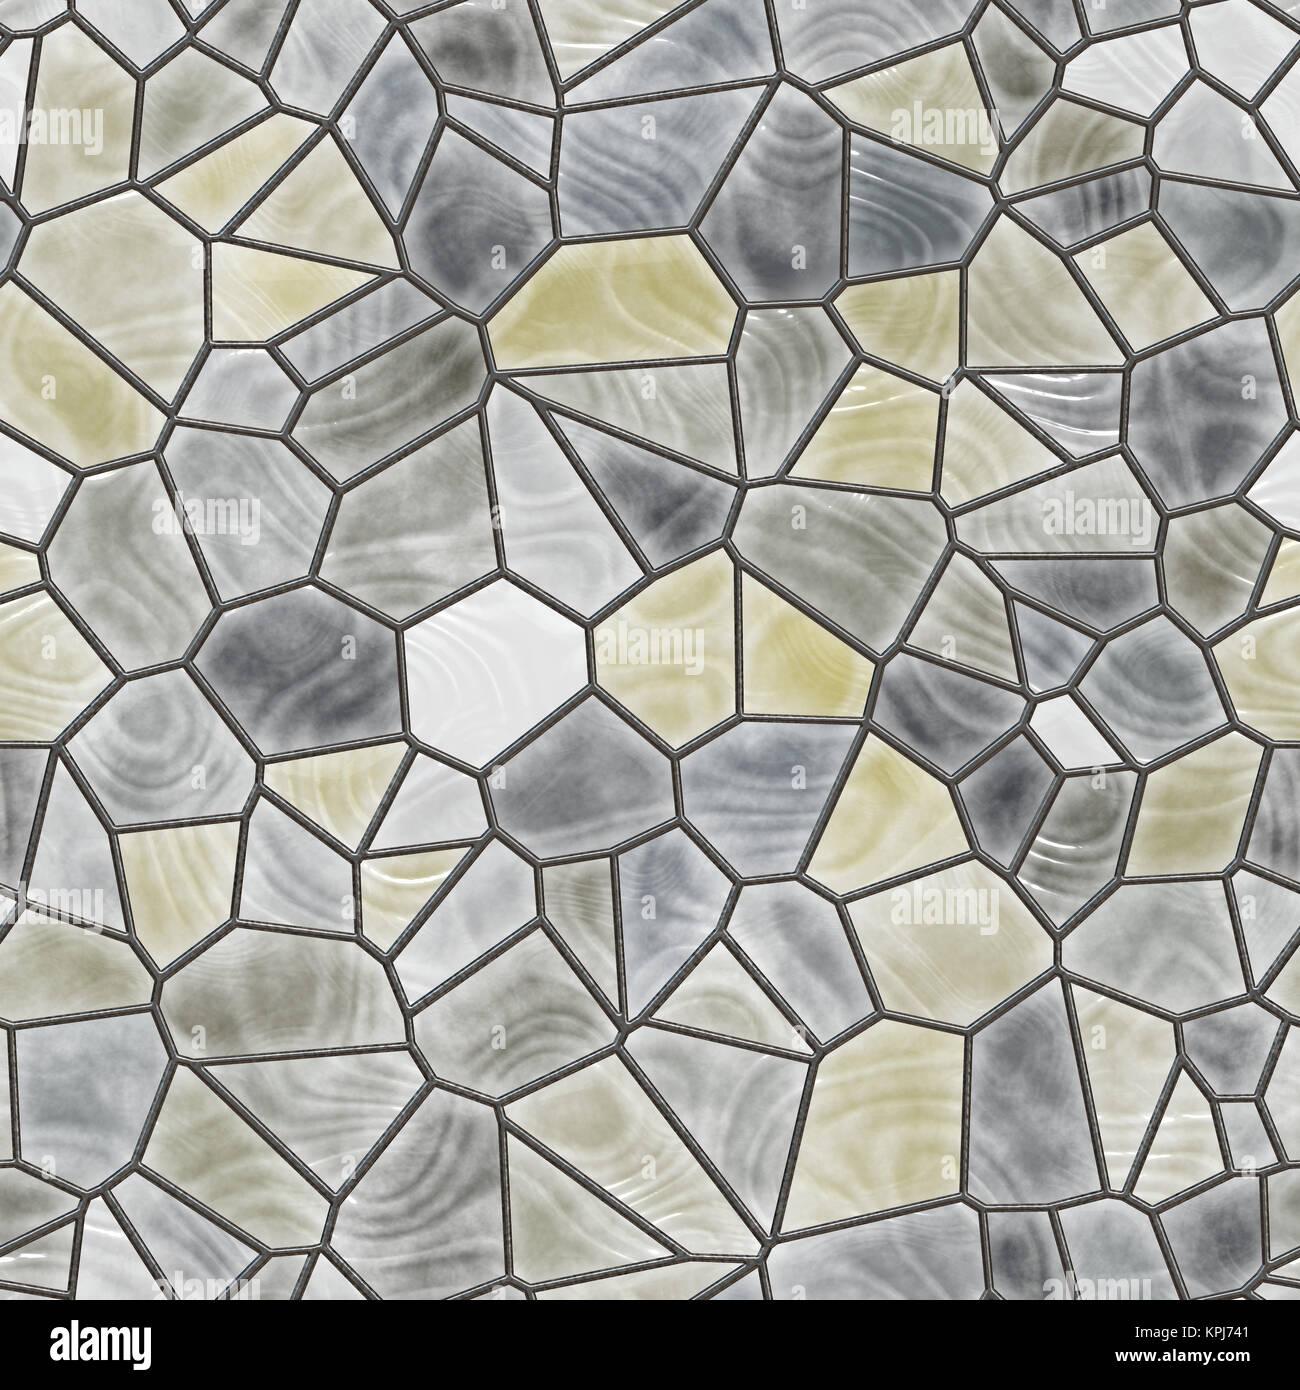 La texture per gli sfondi Immagini Stock